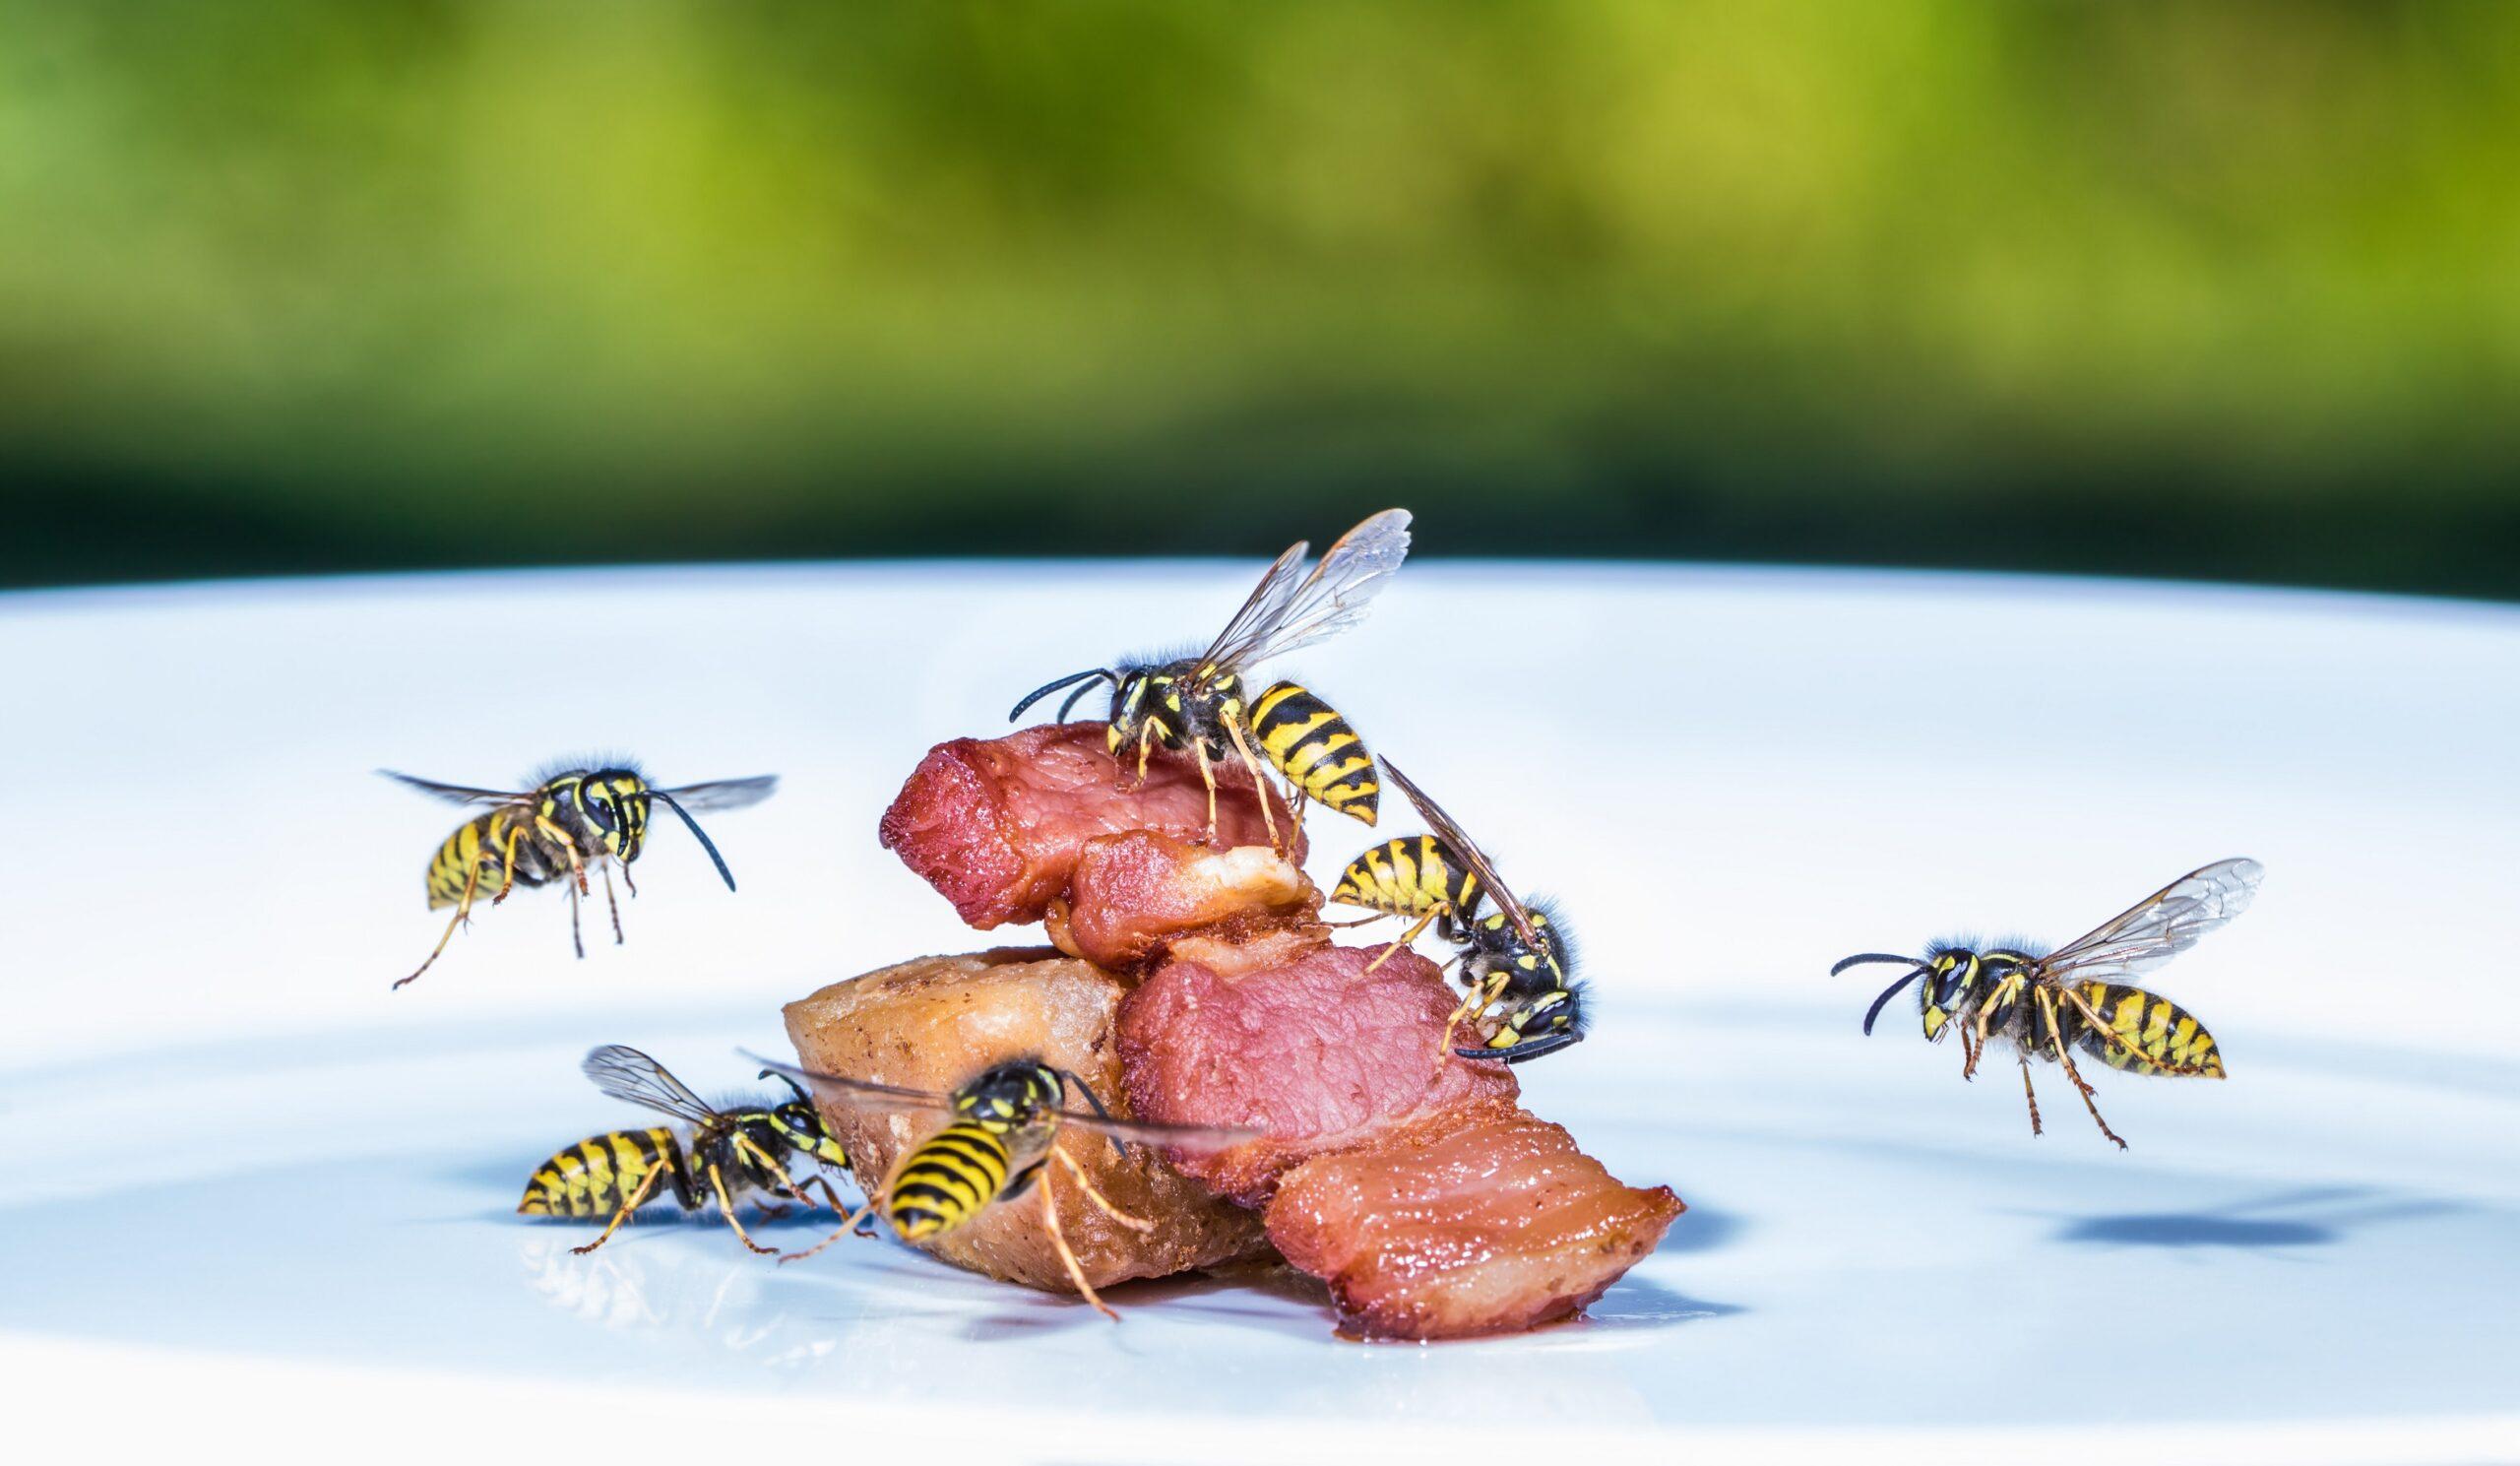 Wespen abwehren: Verhaltenstipps und Abwehrmethoden ...